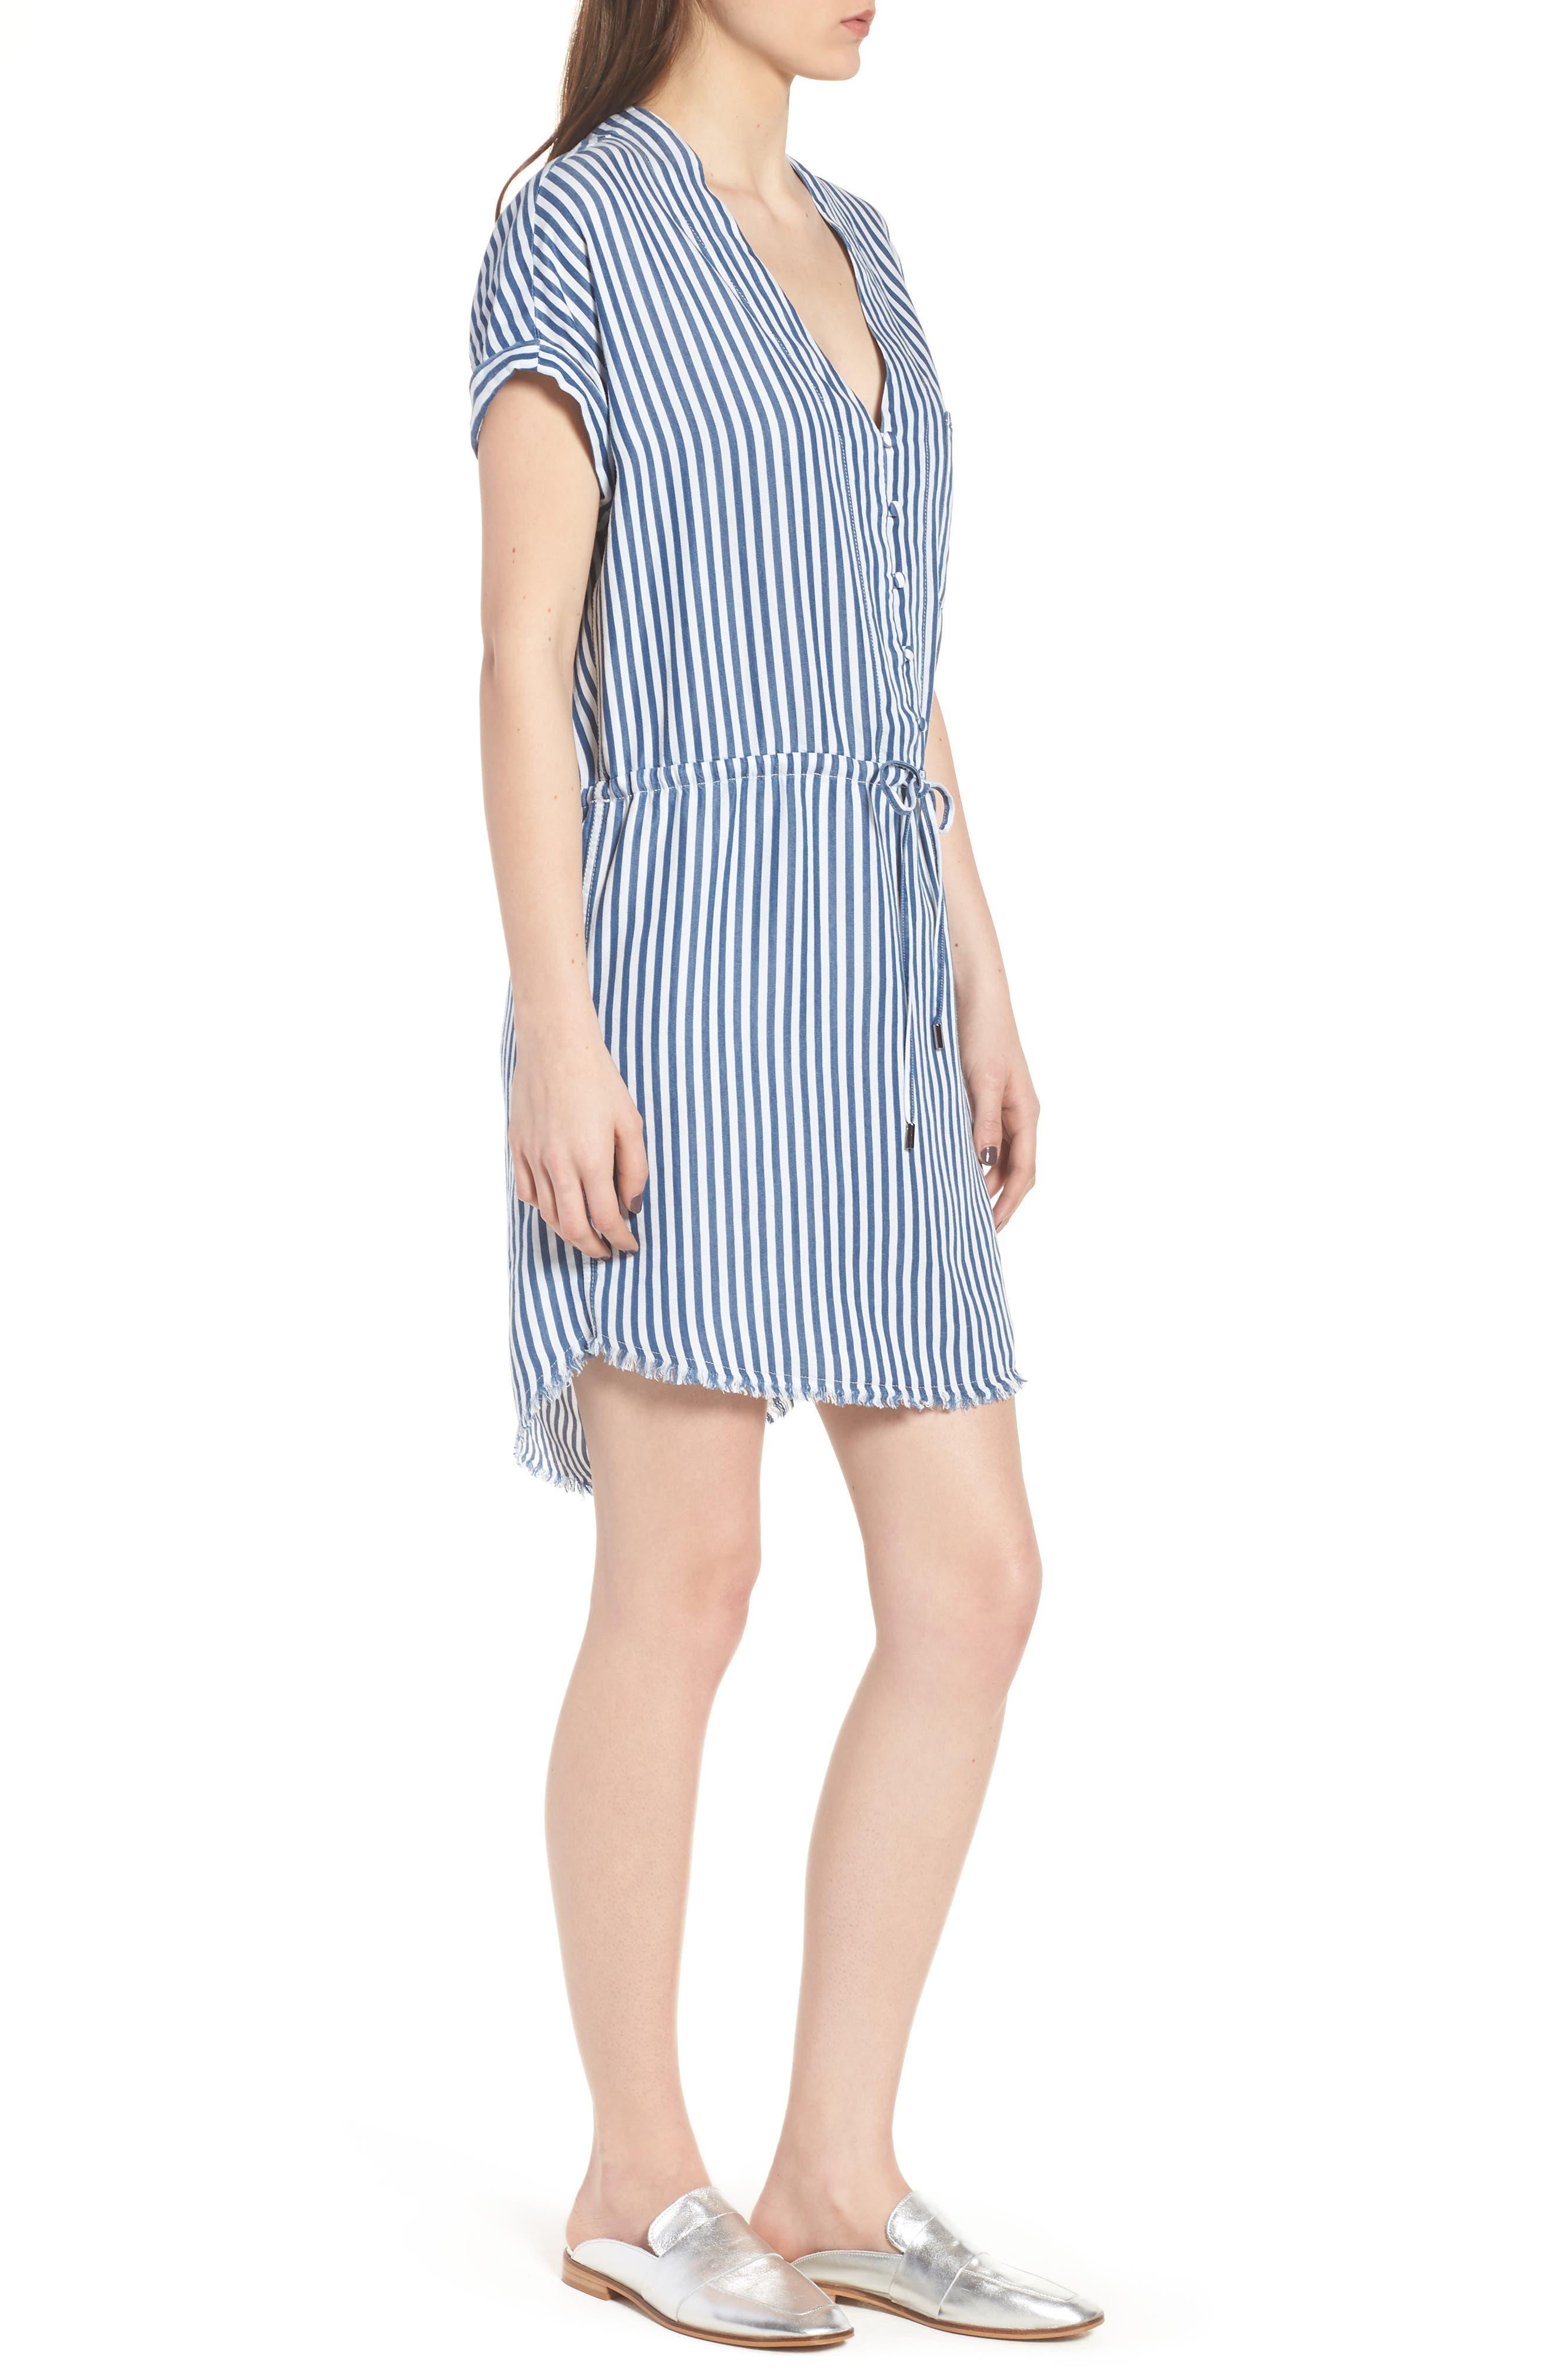 Haidee Stripe Shift Dress,                             Alternate thumbnail 3, color,                             WHITE/ BLUE BELL STRIPE